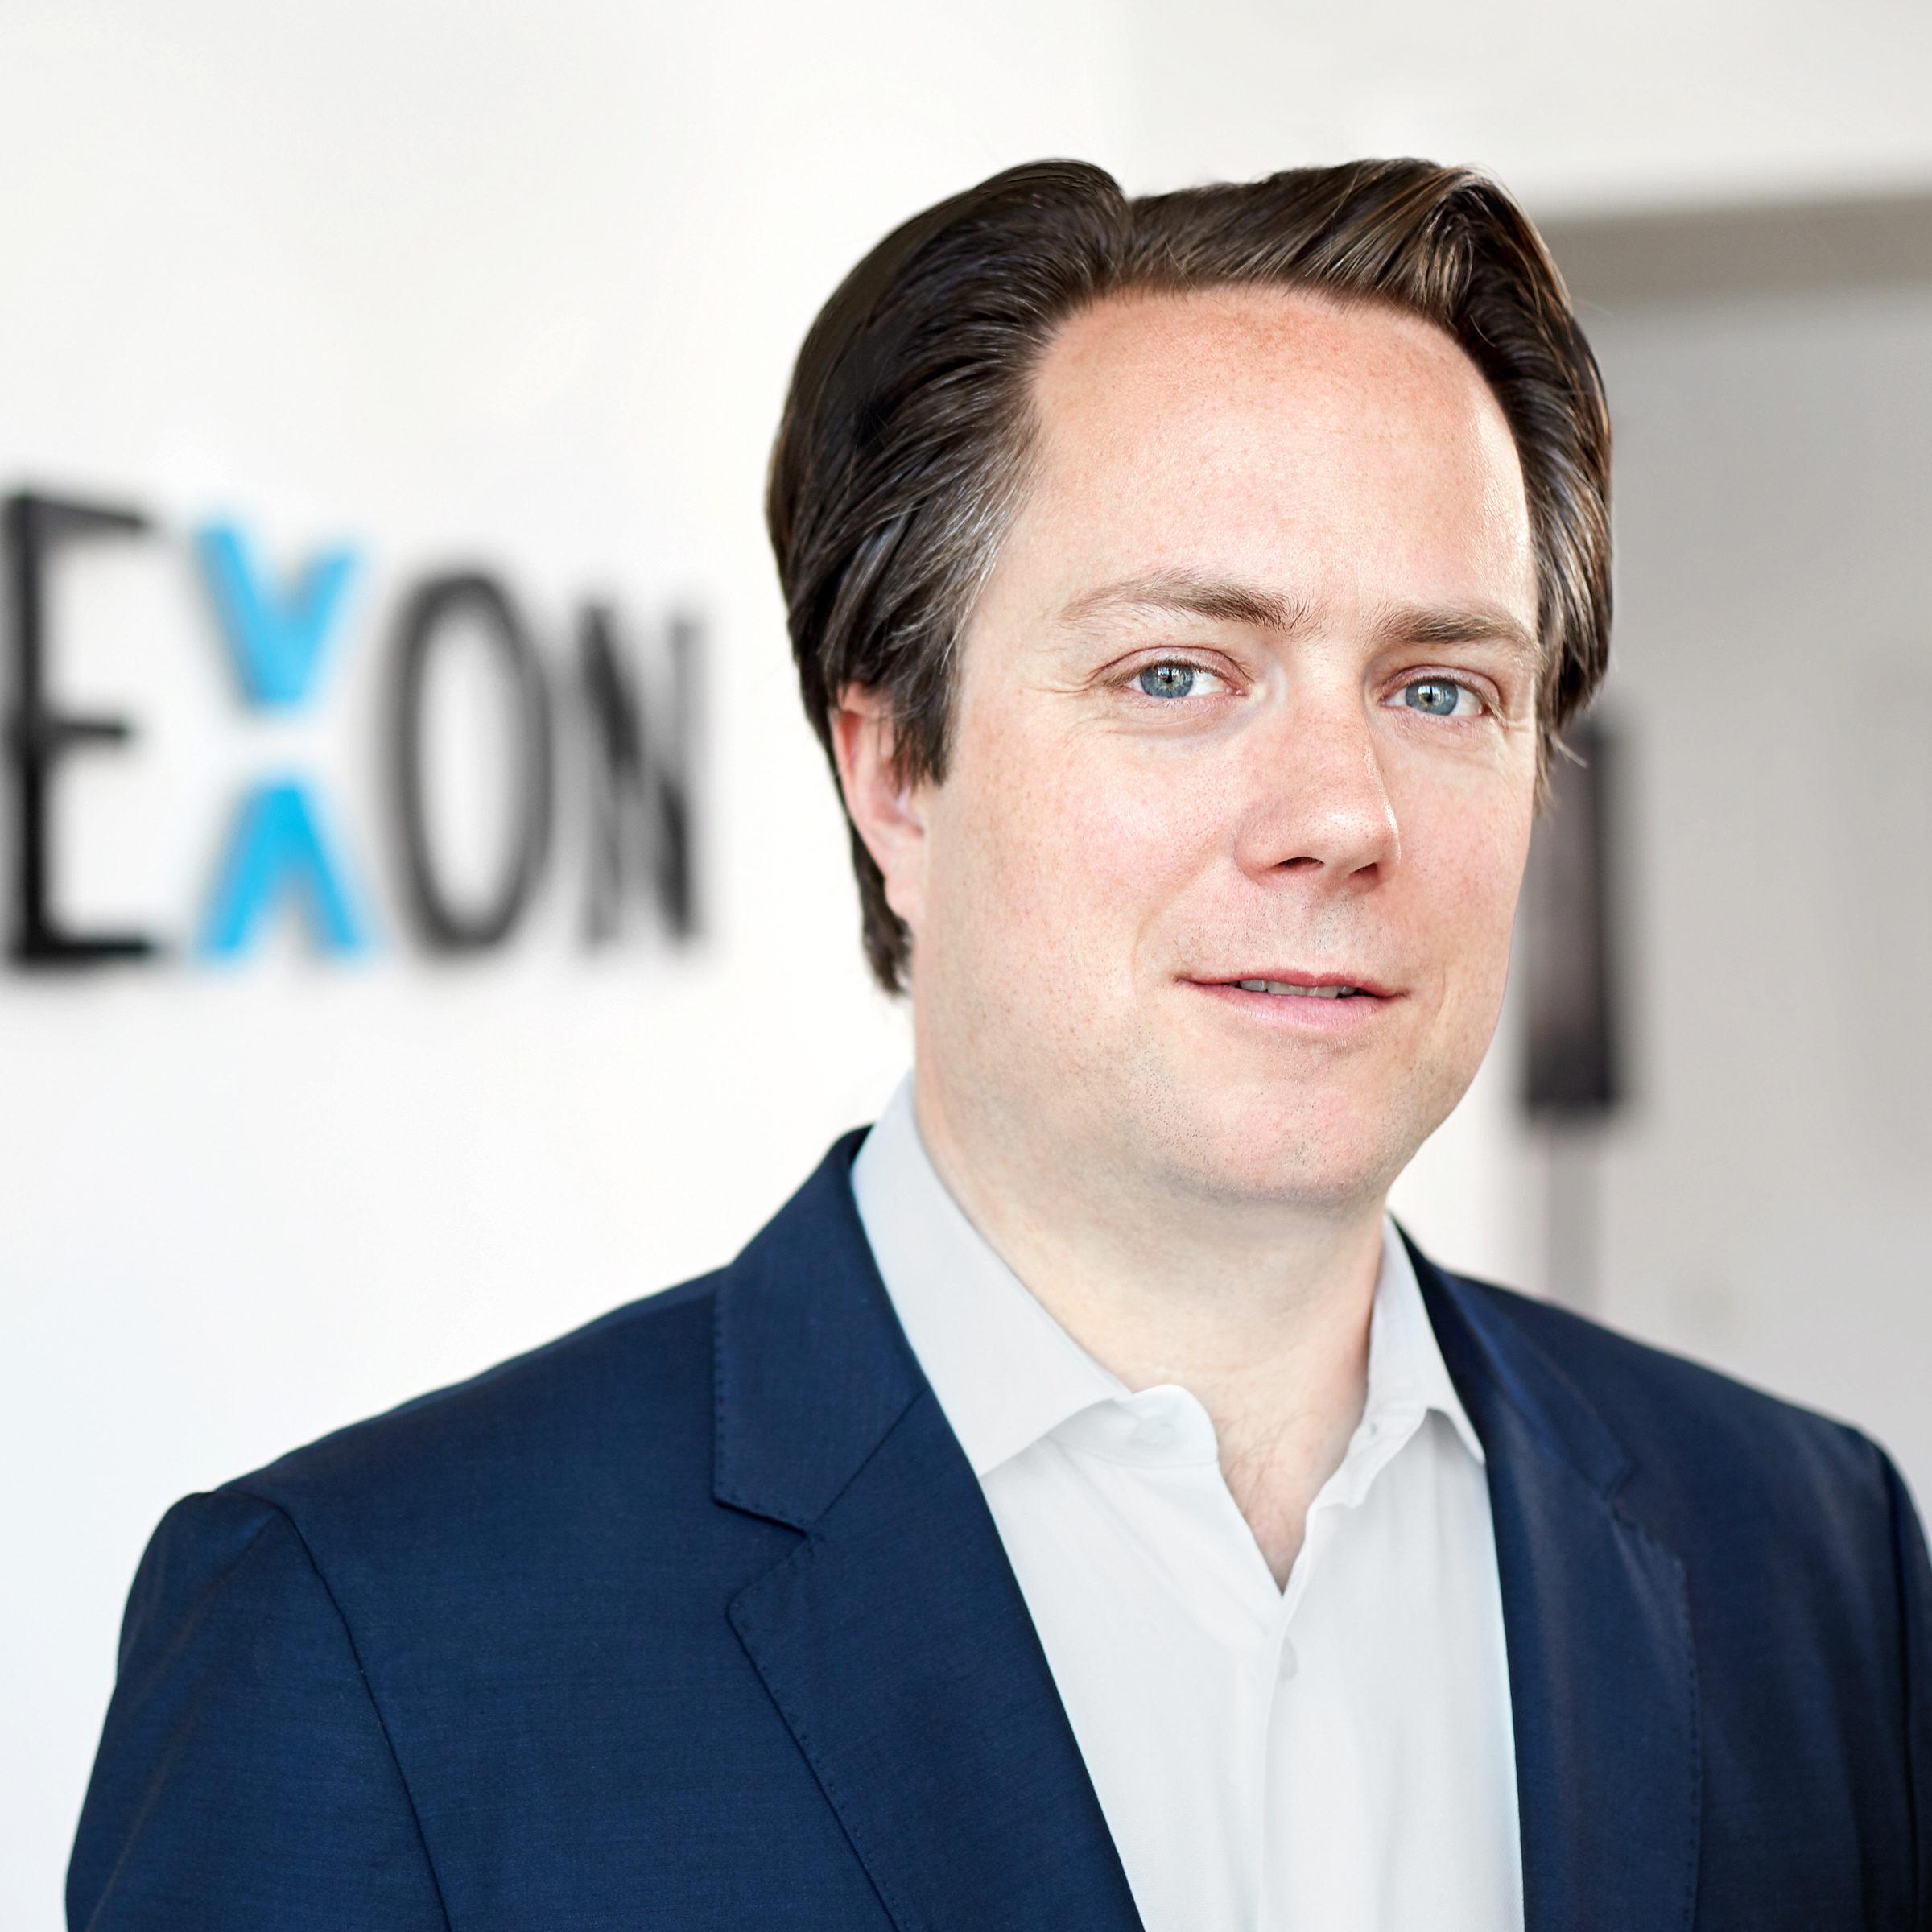 Nikolai ist Geschäftsführer der KINEXON Industries GmbH